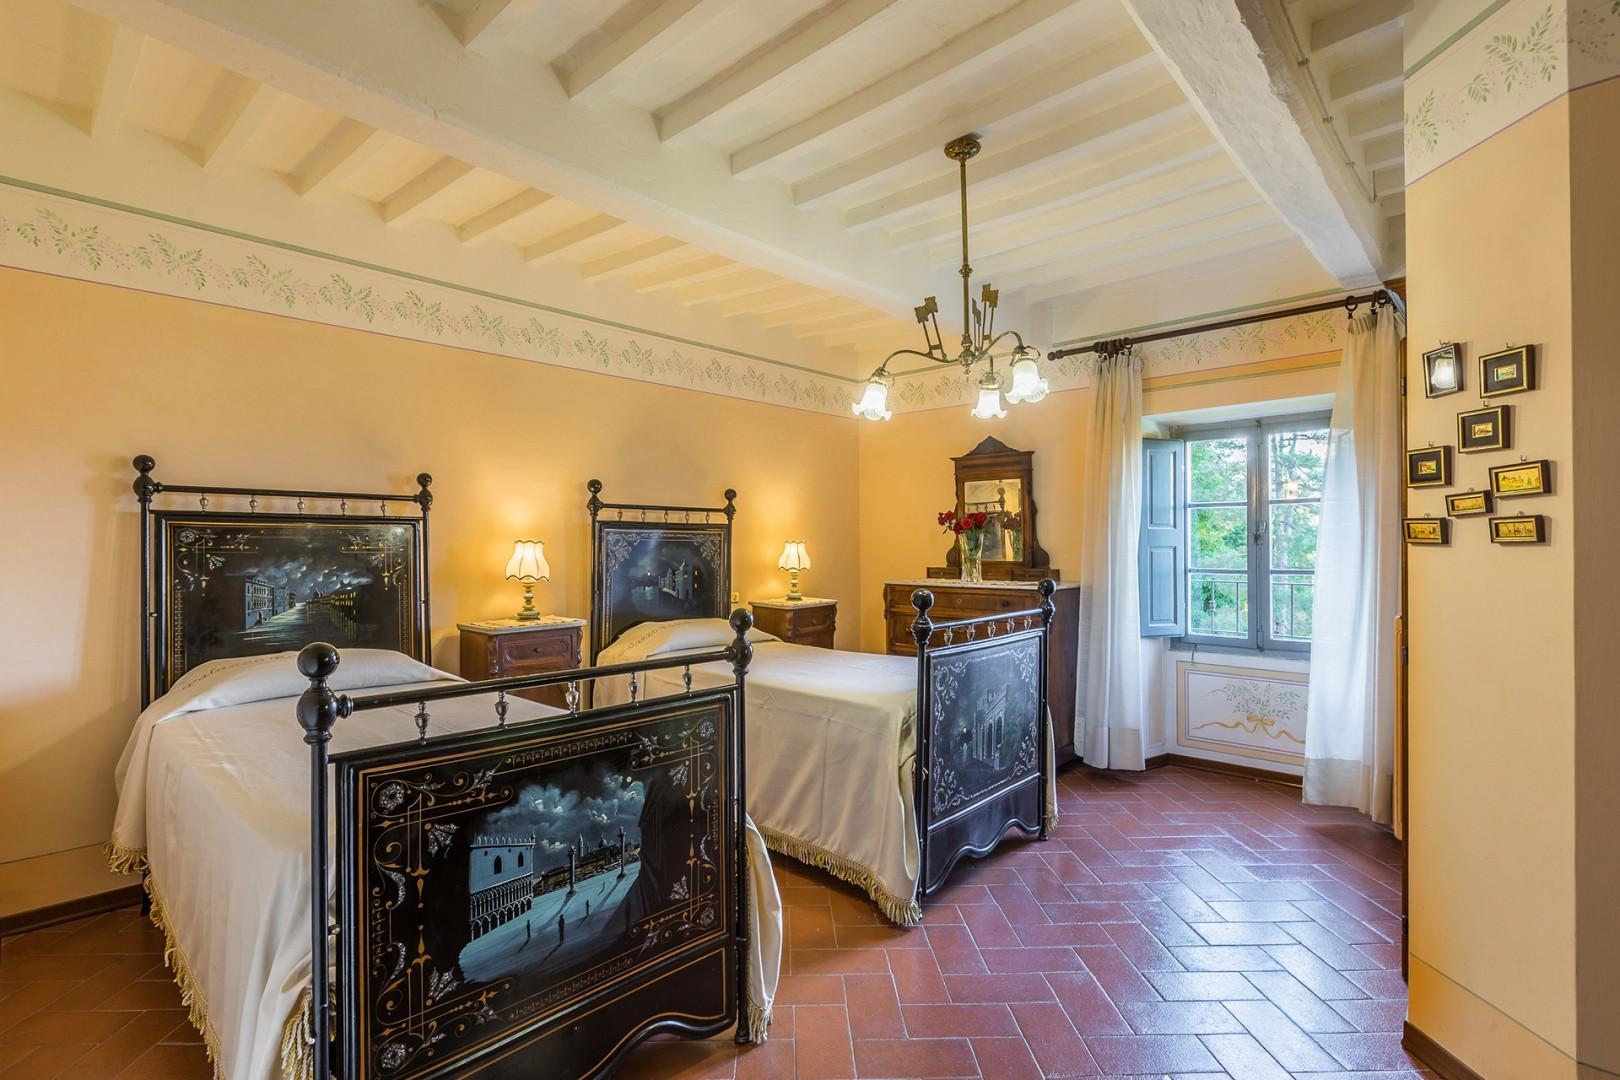 Bedroom 4 has two beds and an en suite bathroom.